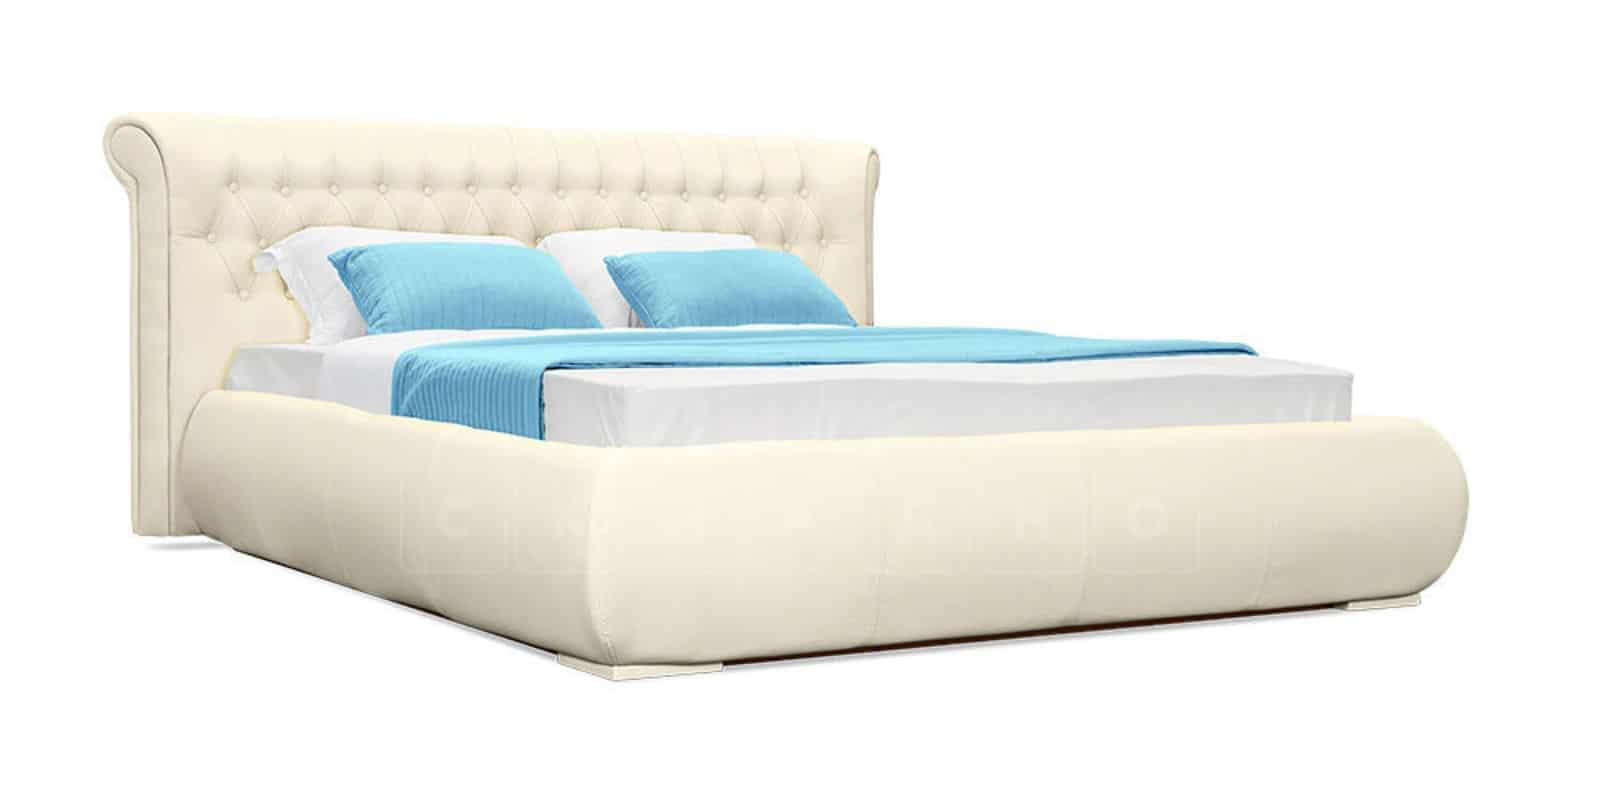 Мягкая кровать Вирджиния 160см экокожа молочного цвета фото 2 | интернет-магазин Складно